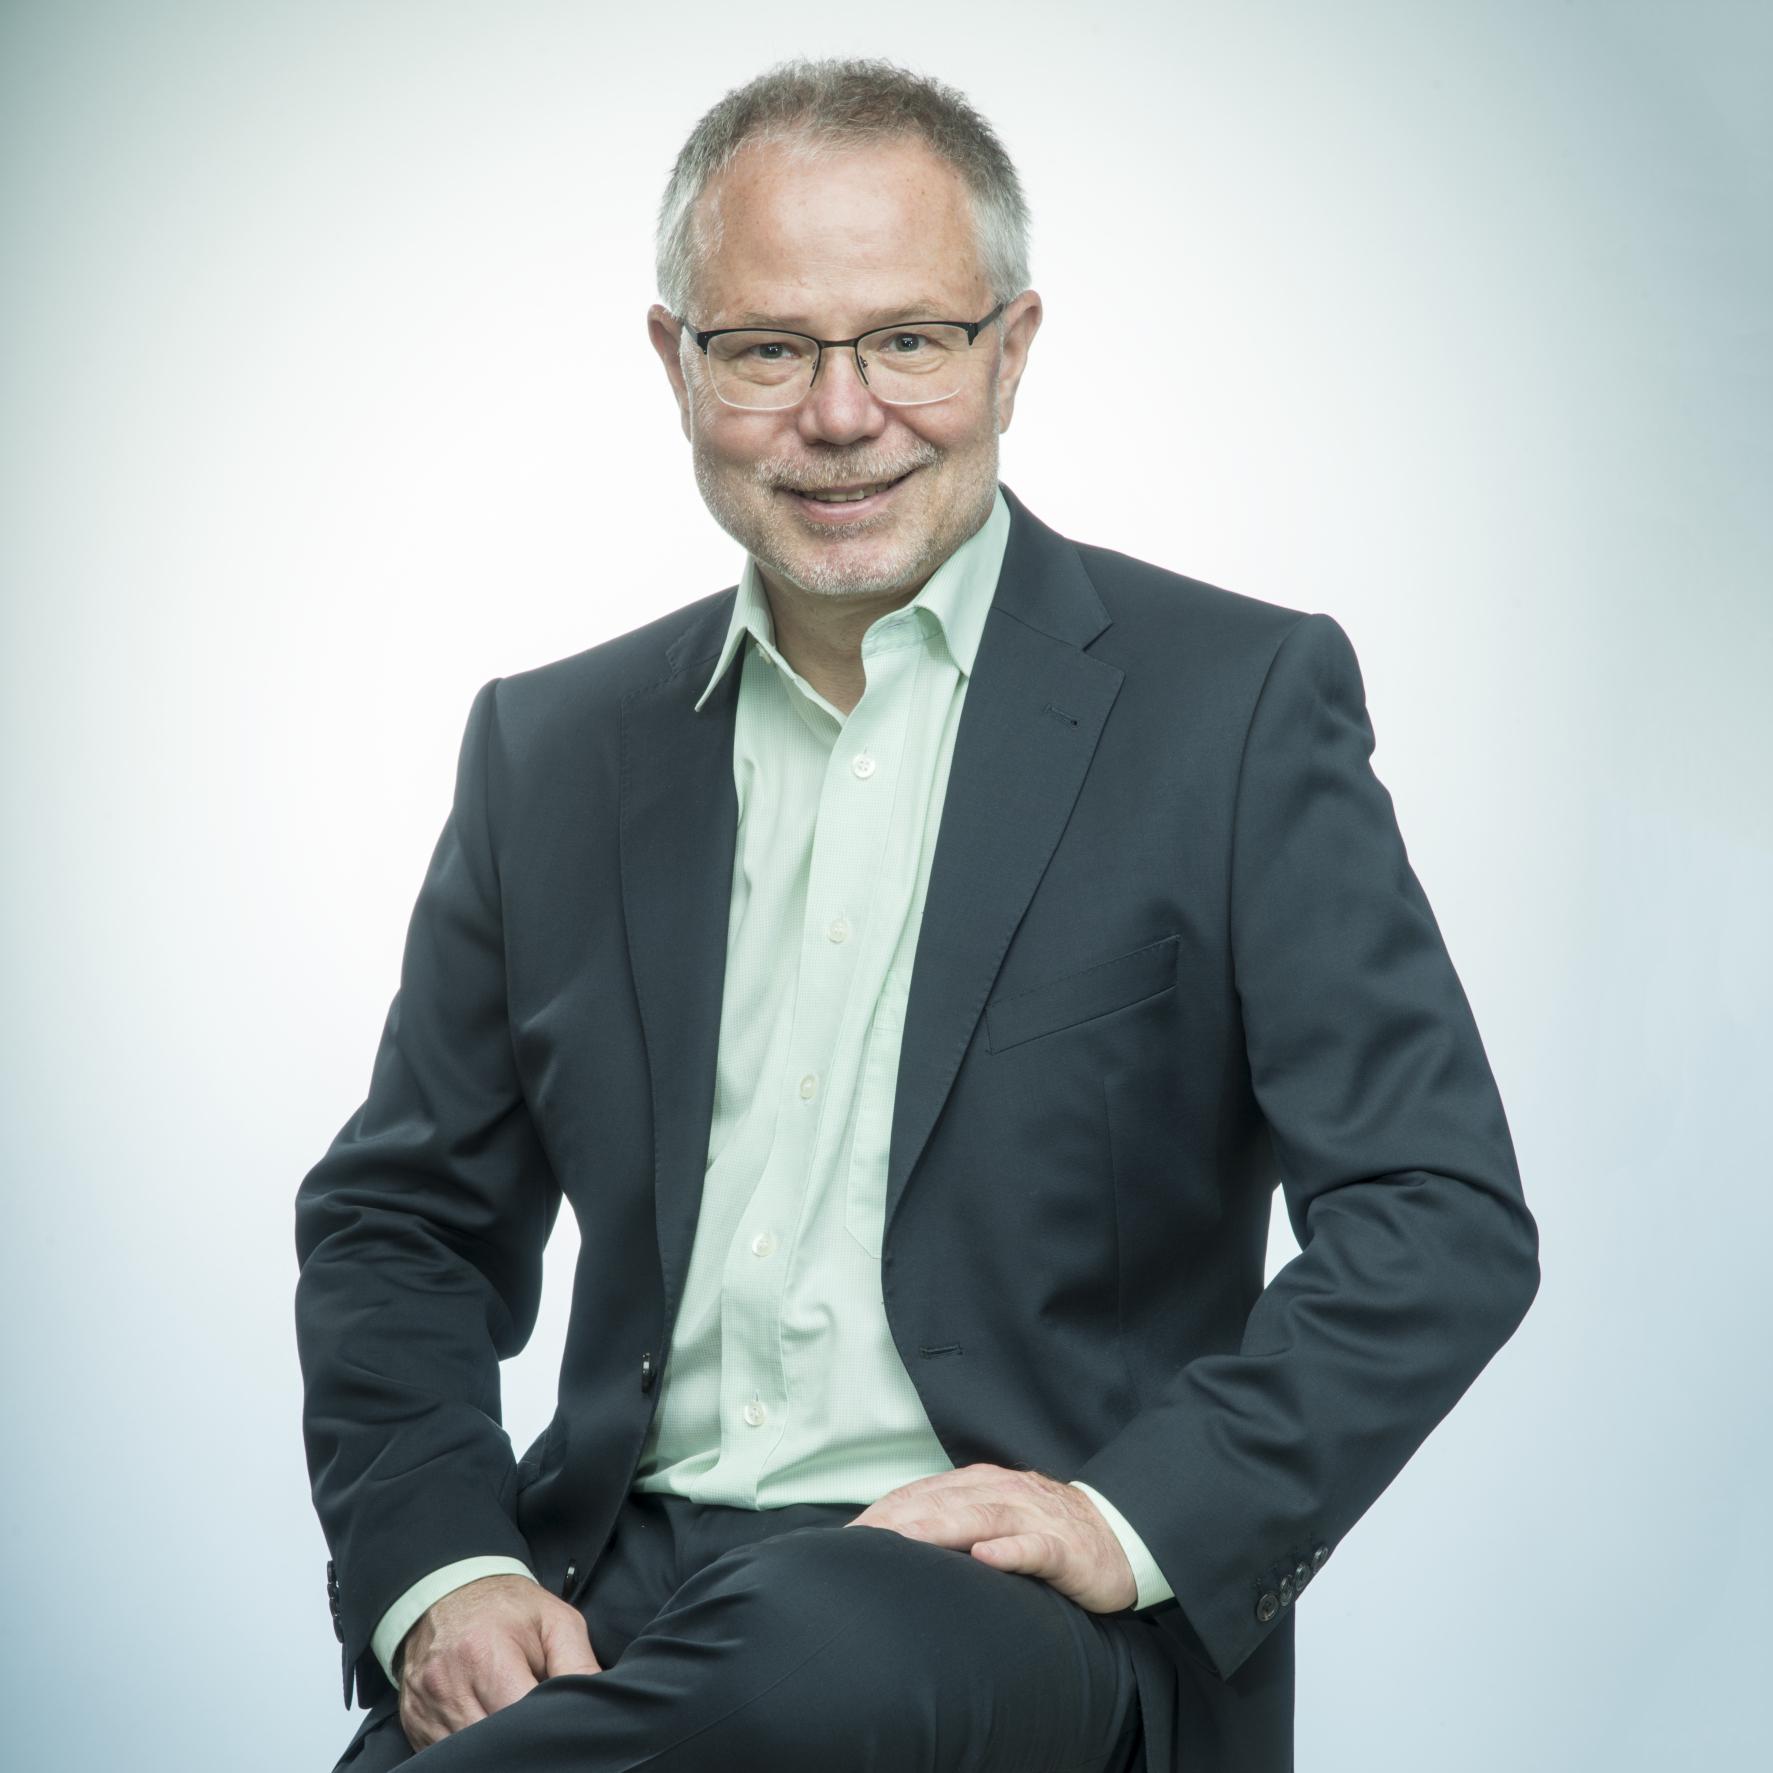 Thomas Pförtner